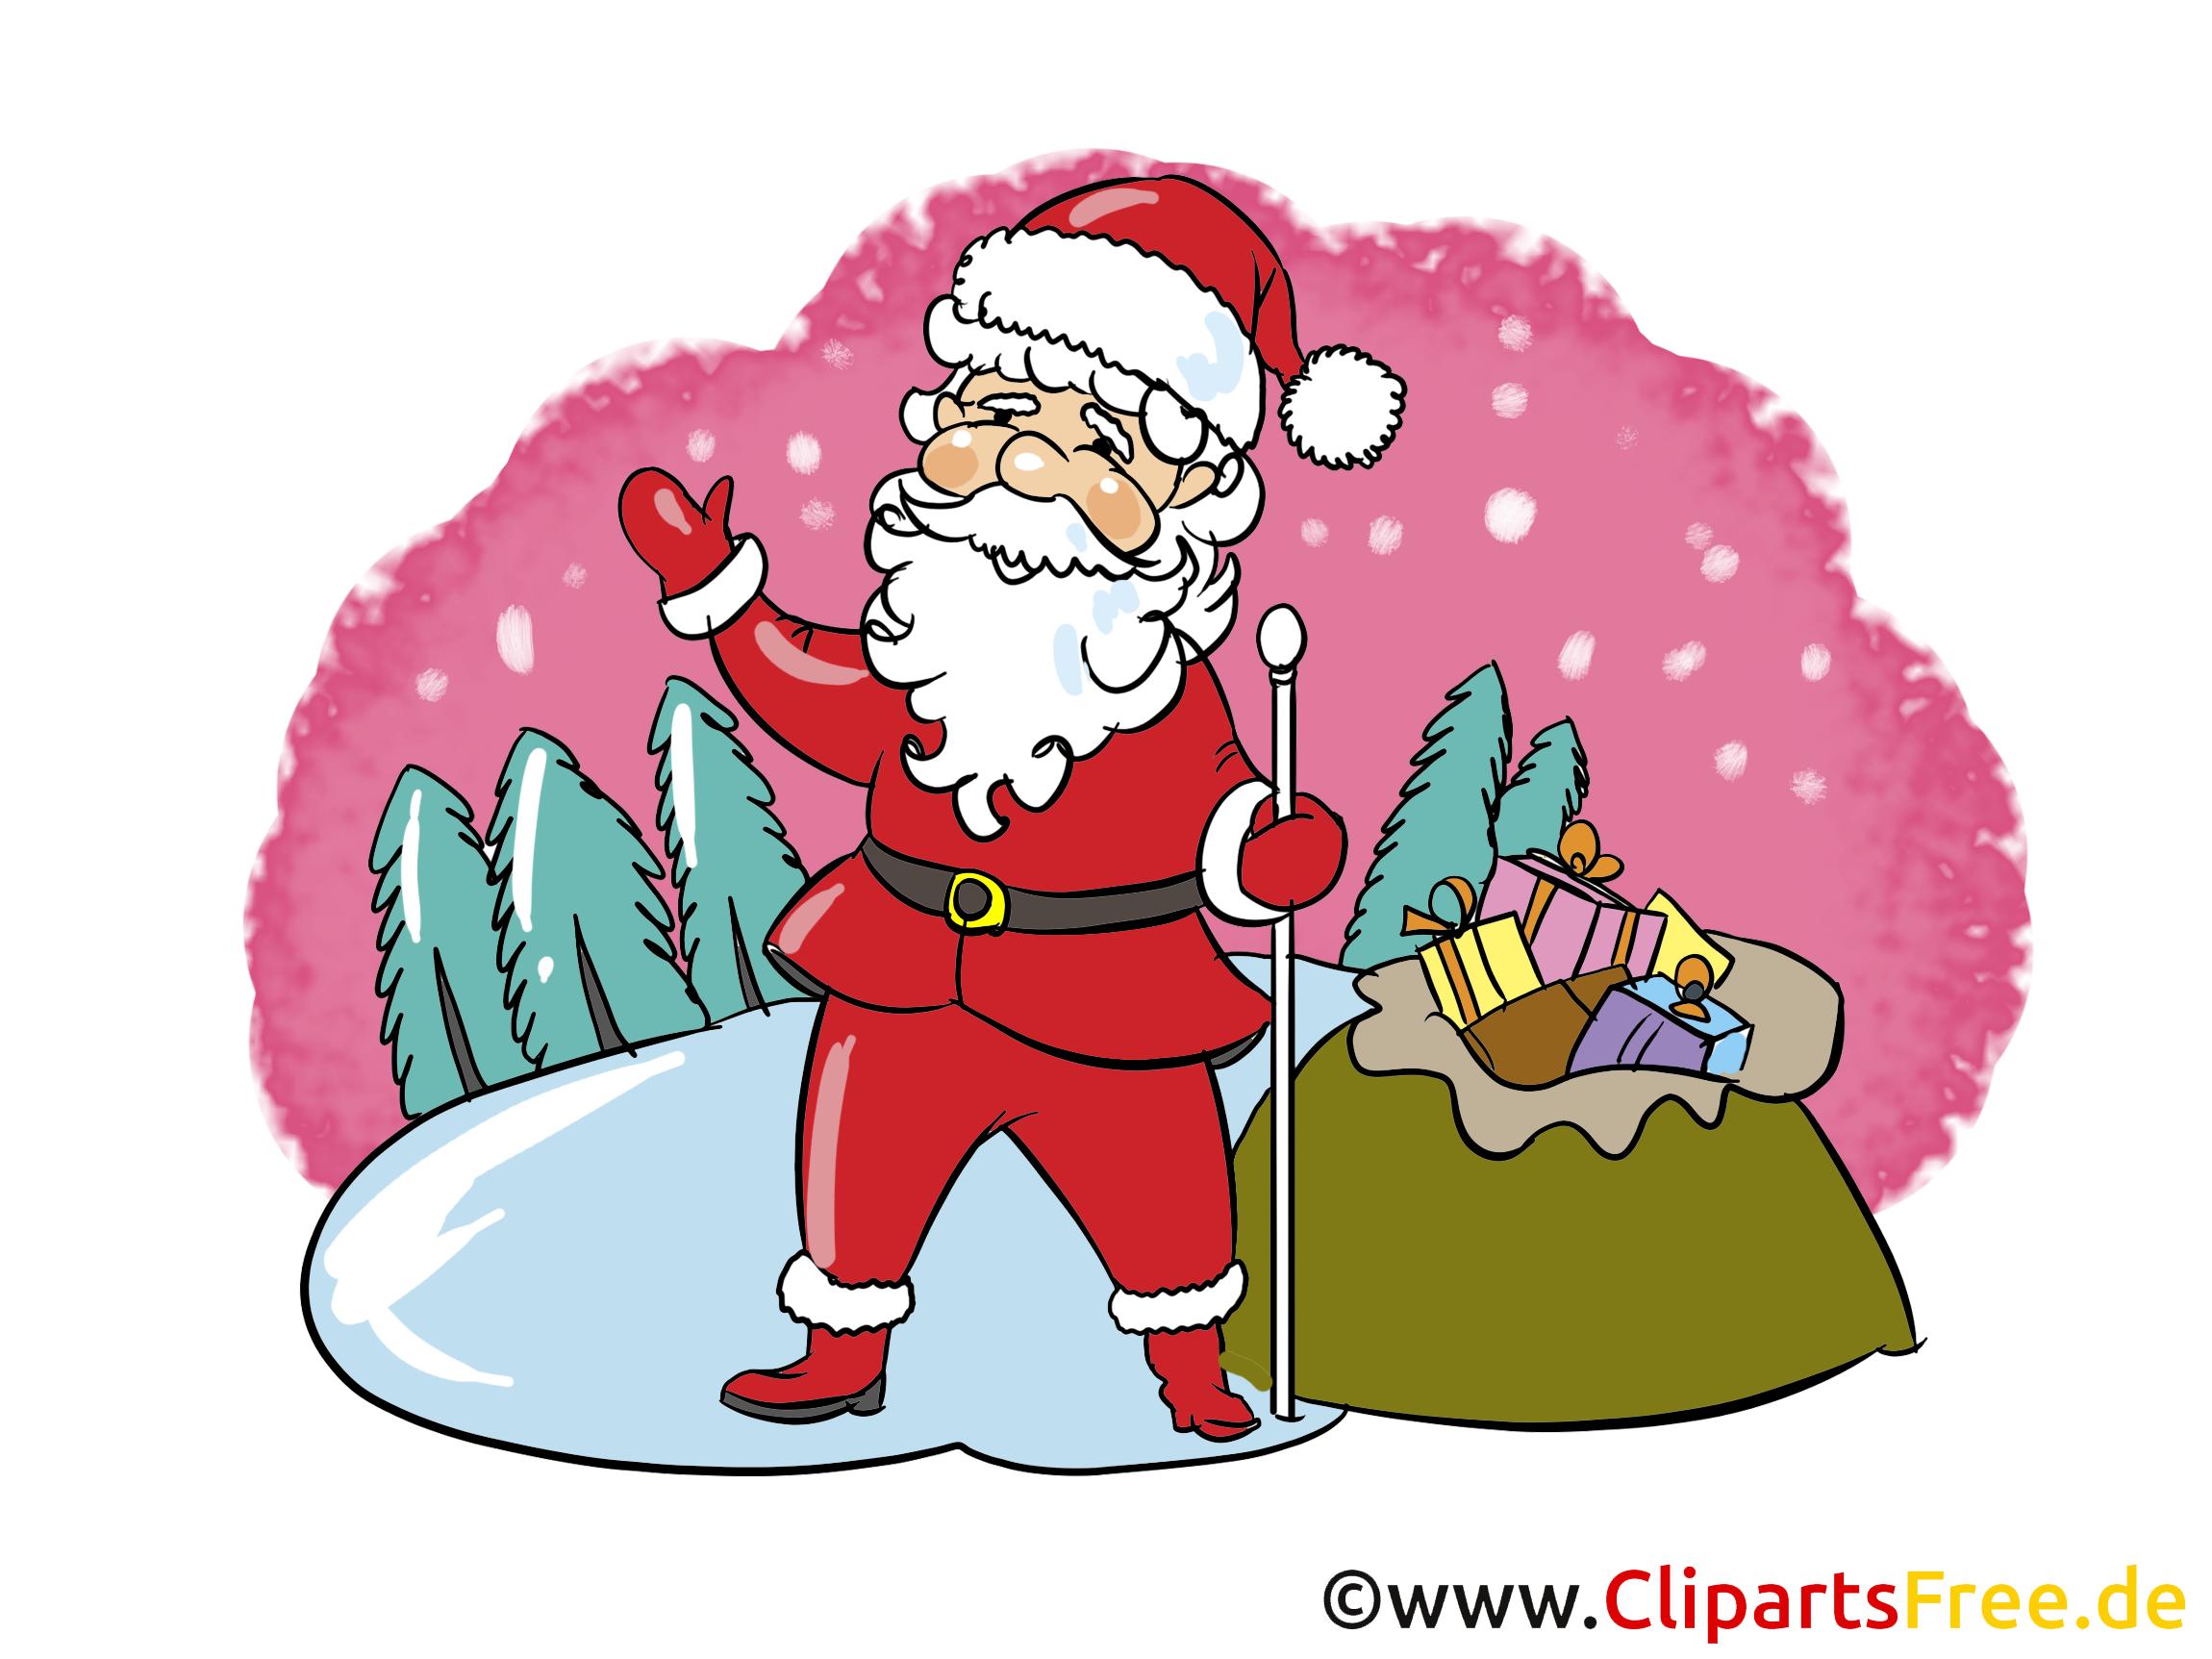 Cadeaus voor Silvetser Clipart, afbeelding, Cartoon gratis